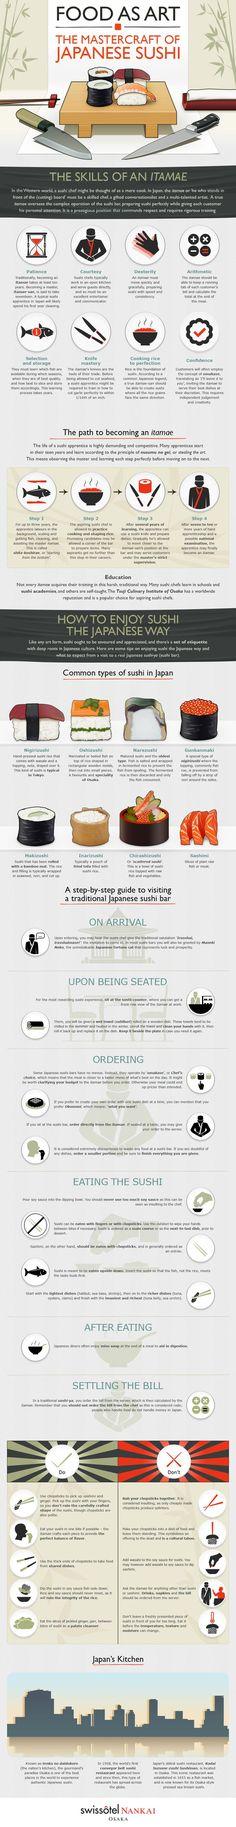 Food as Art: The Mastercraft of Japanese Sushi